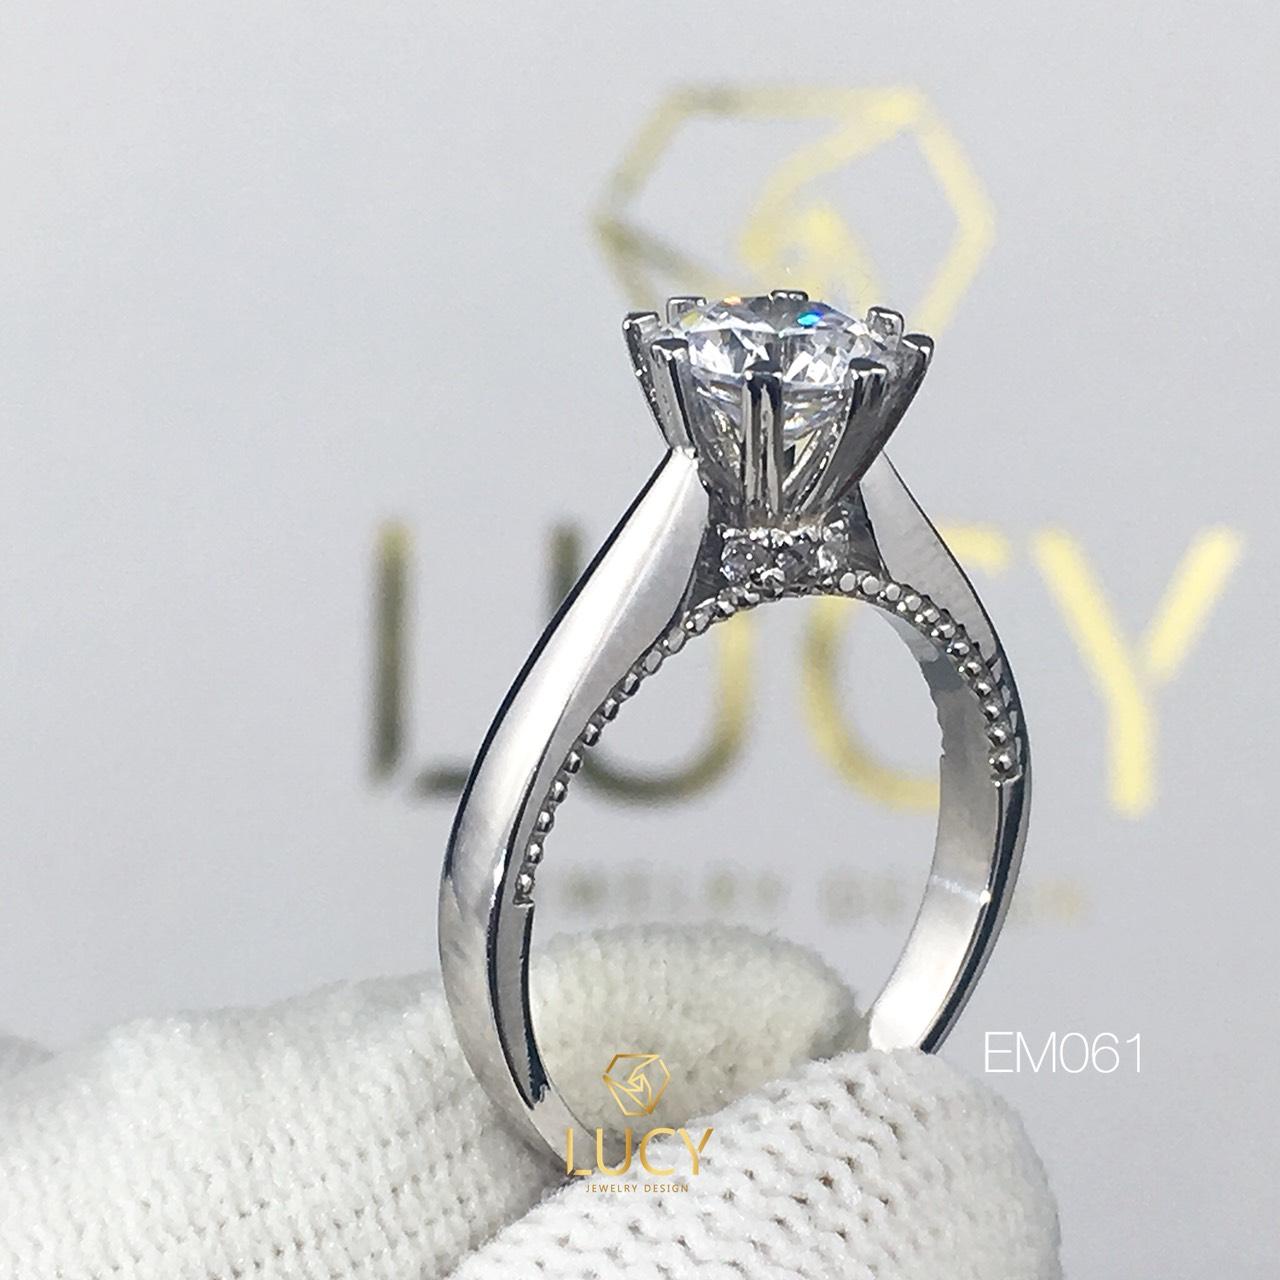 EM061 Nhẫn nữ vàng, nhẫn ổ kim cương 6.3mm 6.5mm, nhẫn nữ thiết kế, nhẫn cầu hôn, nhẫn đính hôn - Lucy Jewelry